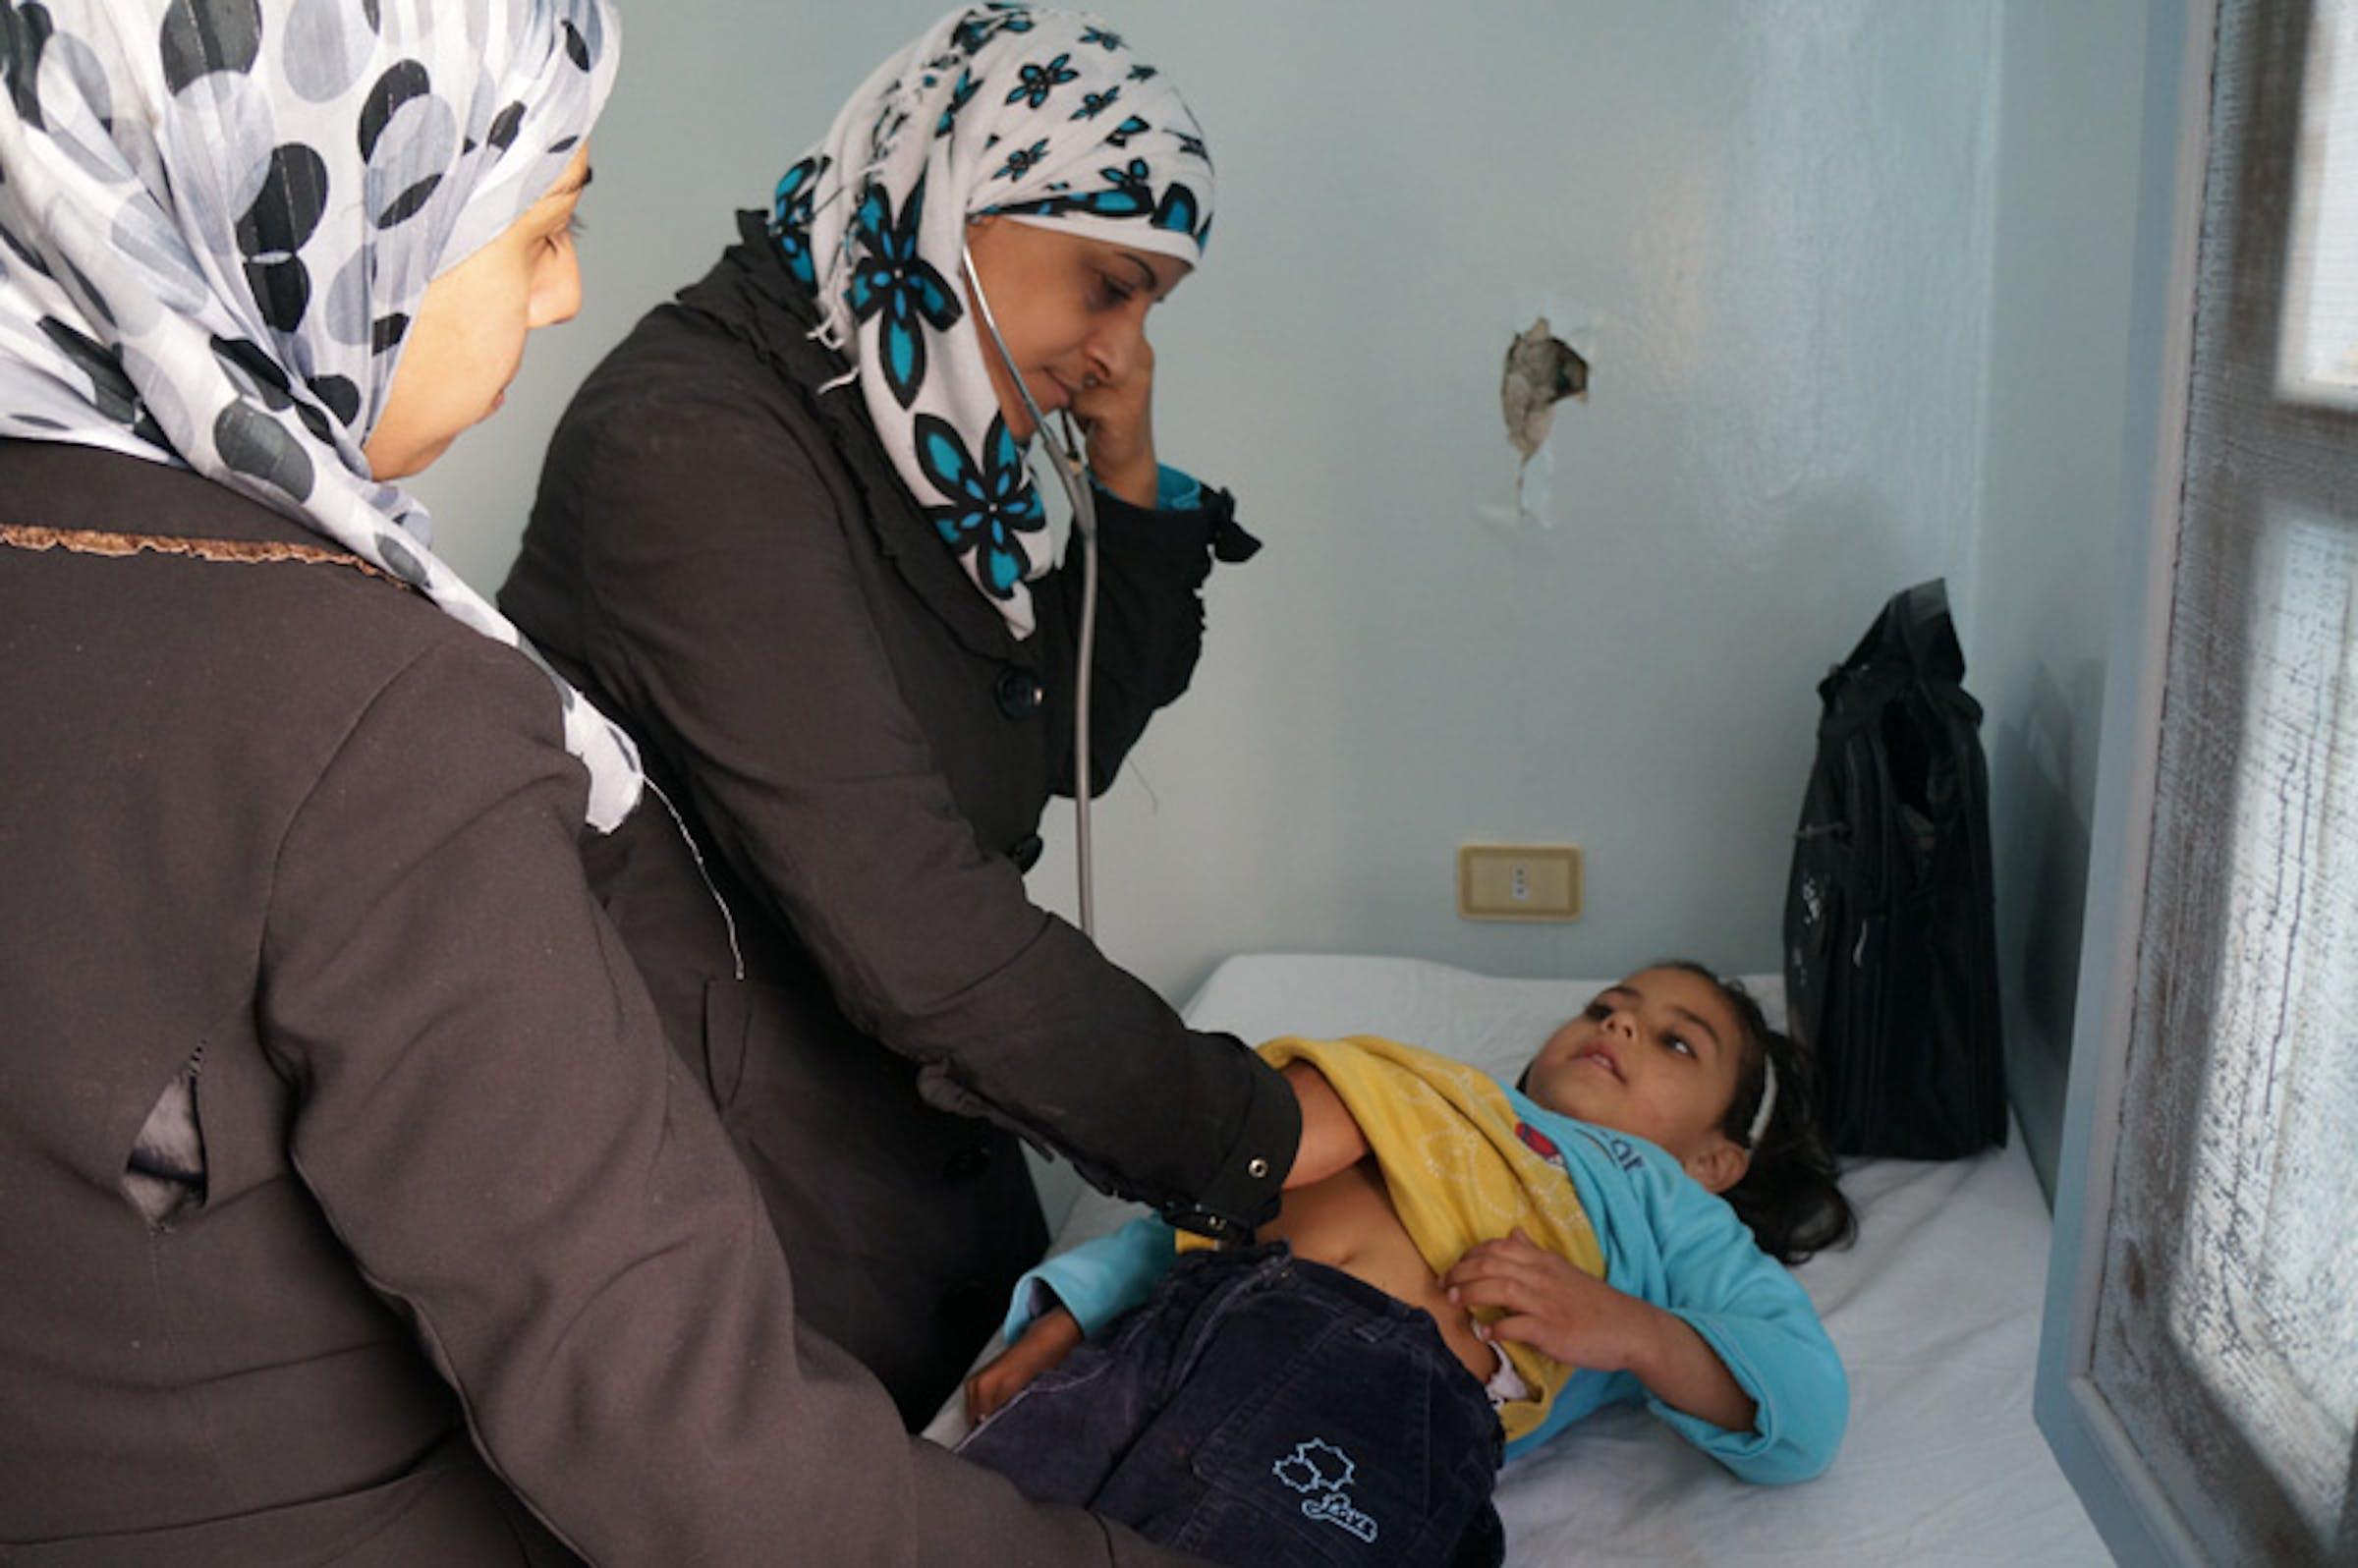 Una dottoressa esamina con lo stetoscopio una bambina in un piccolo ospedale di Homs, una delle città più martoriate dalla guerra che da oltre due anni dilania la Siria - ©UNICEF/NYHQ2013-0203/I.Morooka